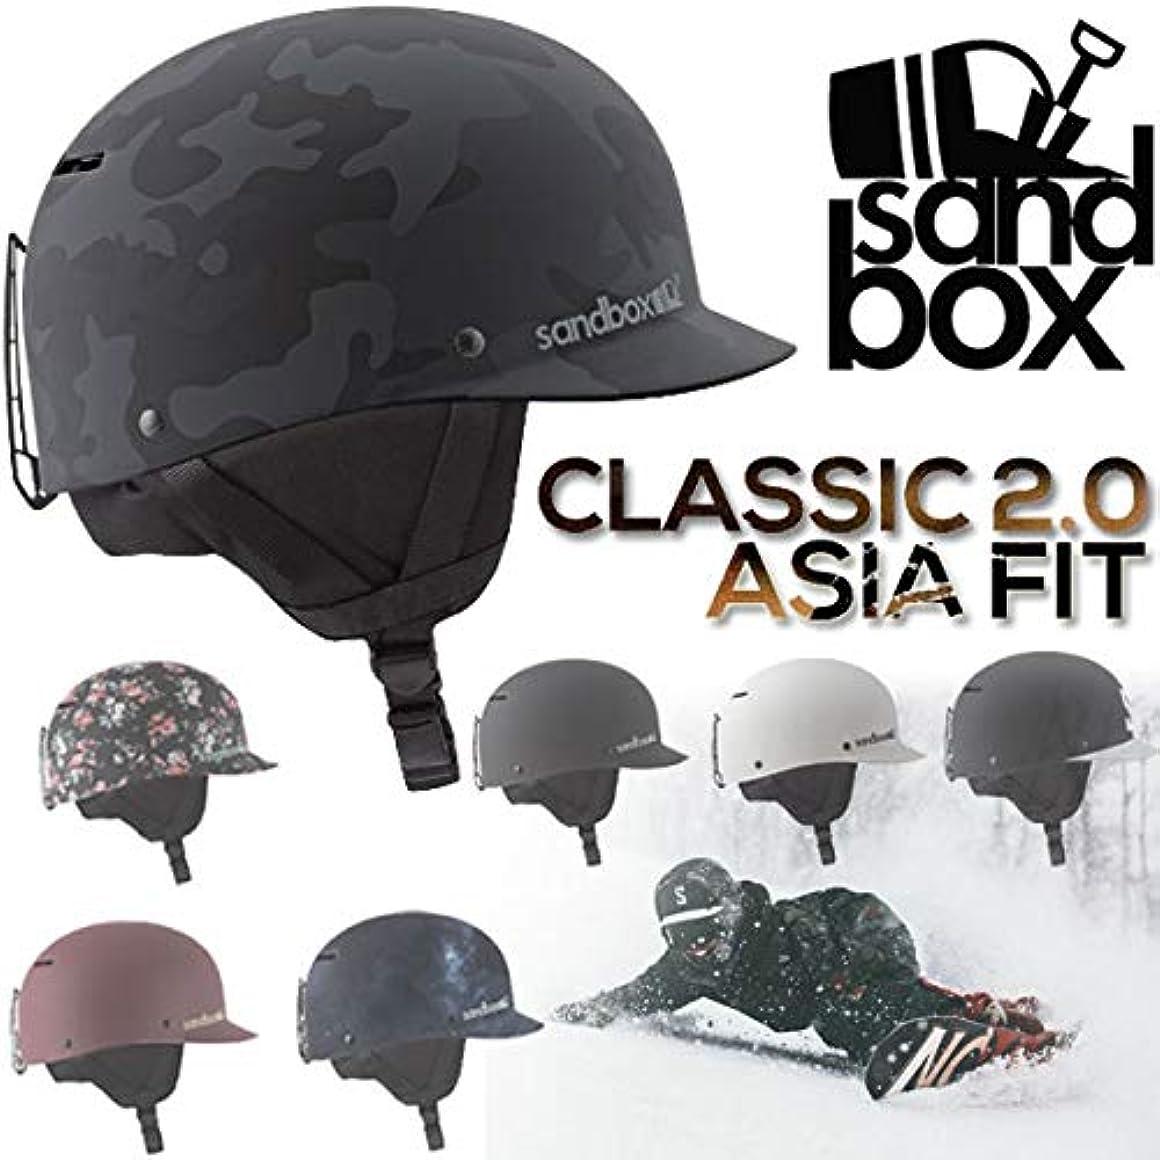 紳士気取りの、きざな装置に同意するSANDBOX/サンドボックスヘルメット CLASSIC 2.0 ASIA FIT アジアンフィット クラシック スノーボード スケート スキー メンズ レディース キッズ 男女兼用 17-18 プロテクター